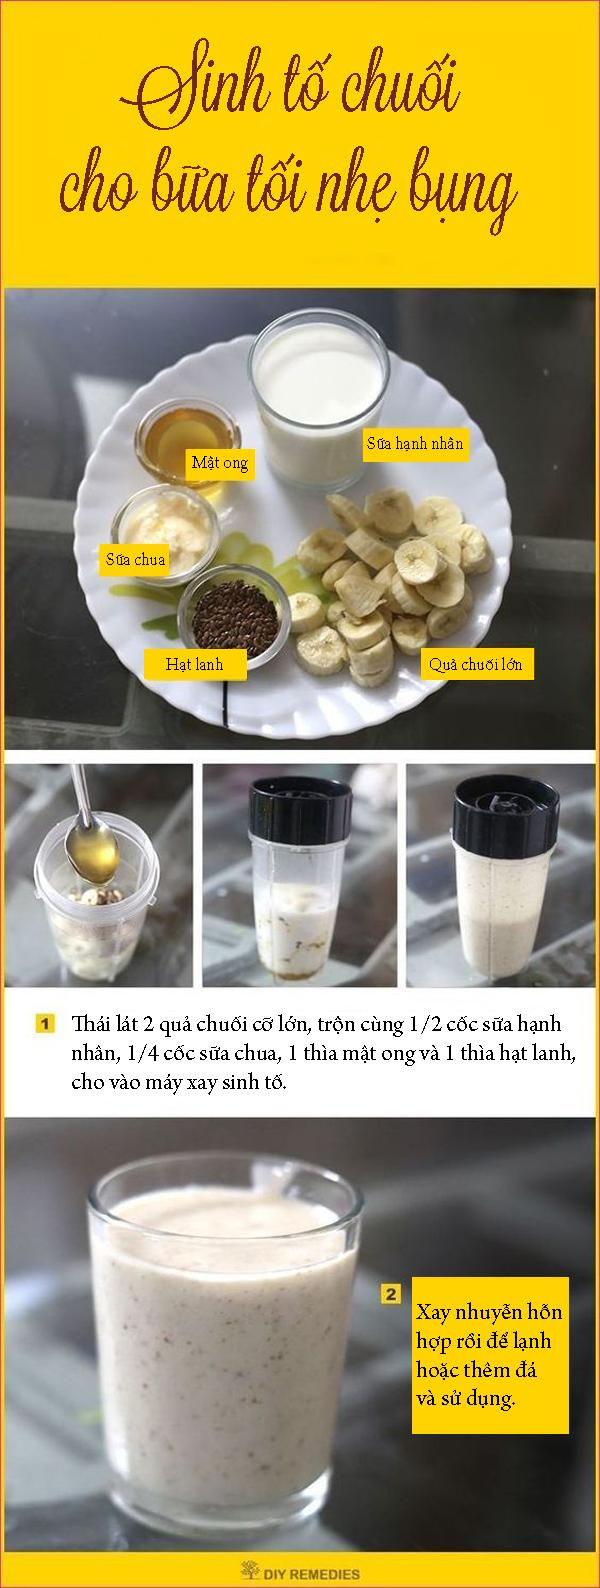 Sinh tố chuối thay bữa tối giúp giảm cân mà vẫn no bụng - Ảnh 1